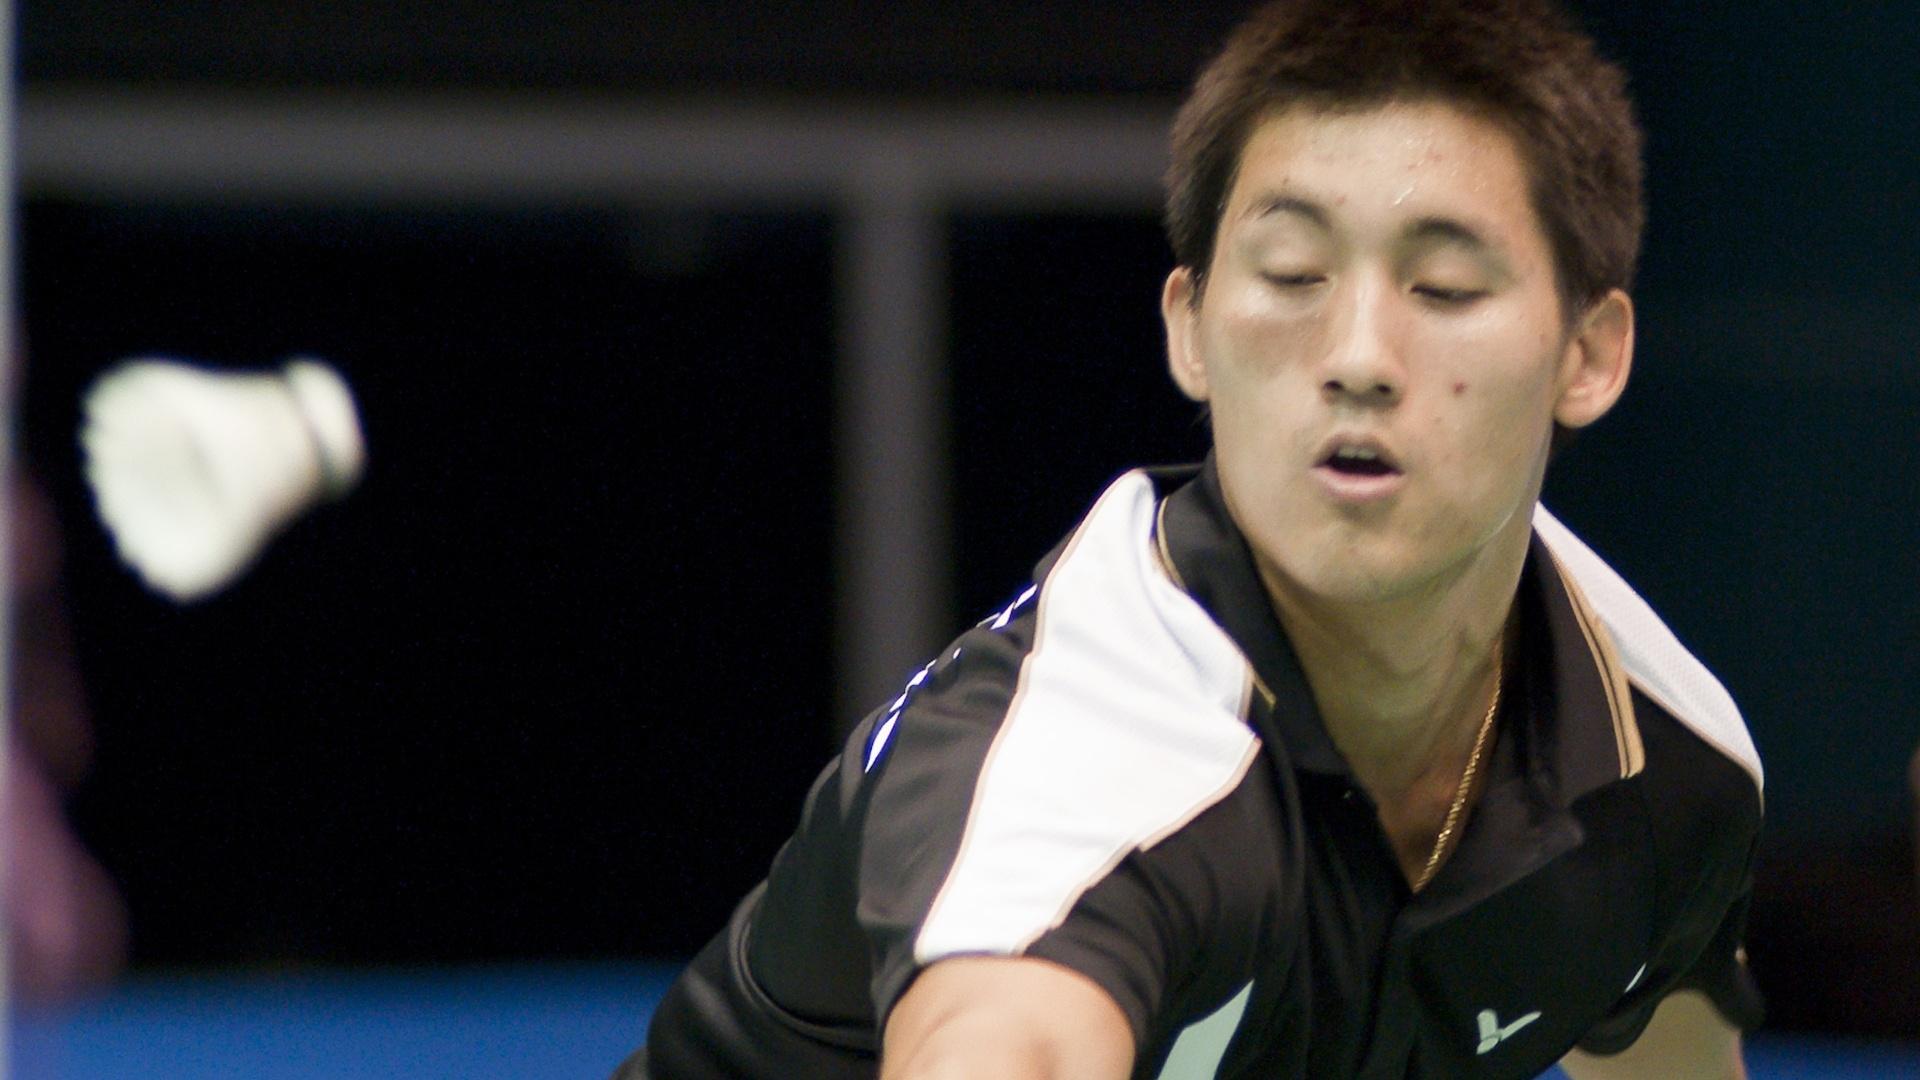 Alex Tjong participa de jogo de badminton contra o Venezuelano Leonardo Uzcategu no Pan (15/10/2011)